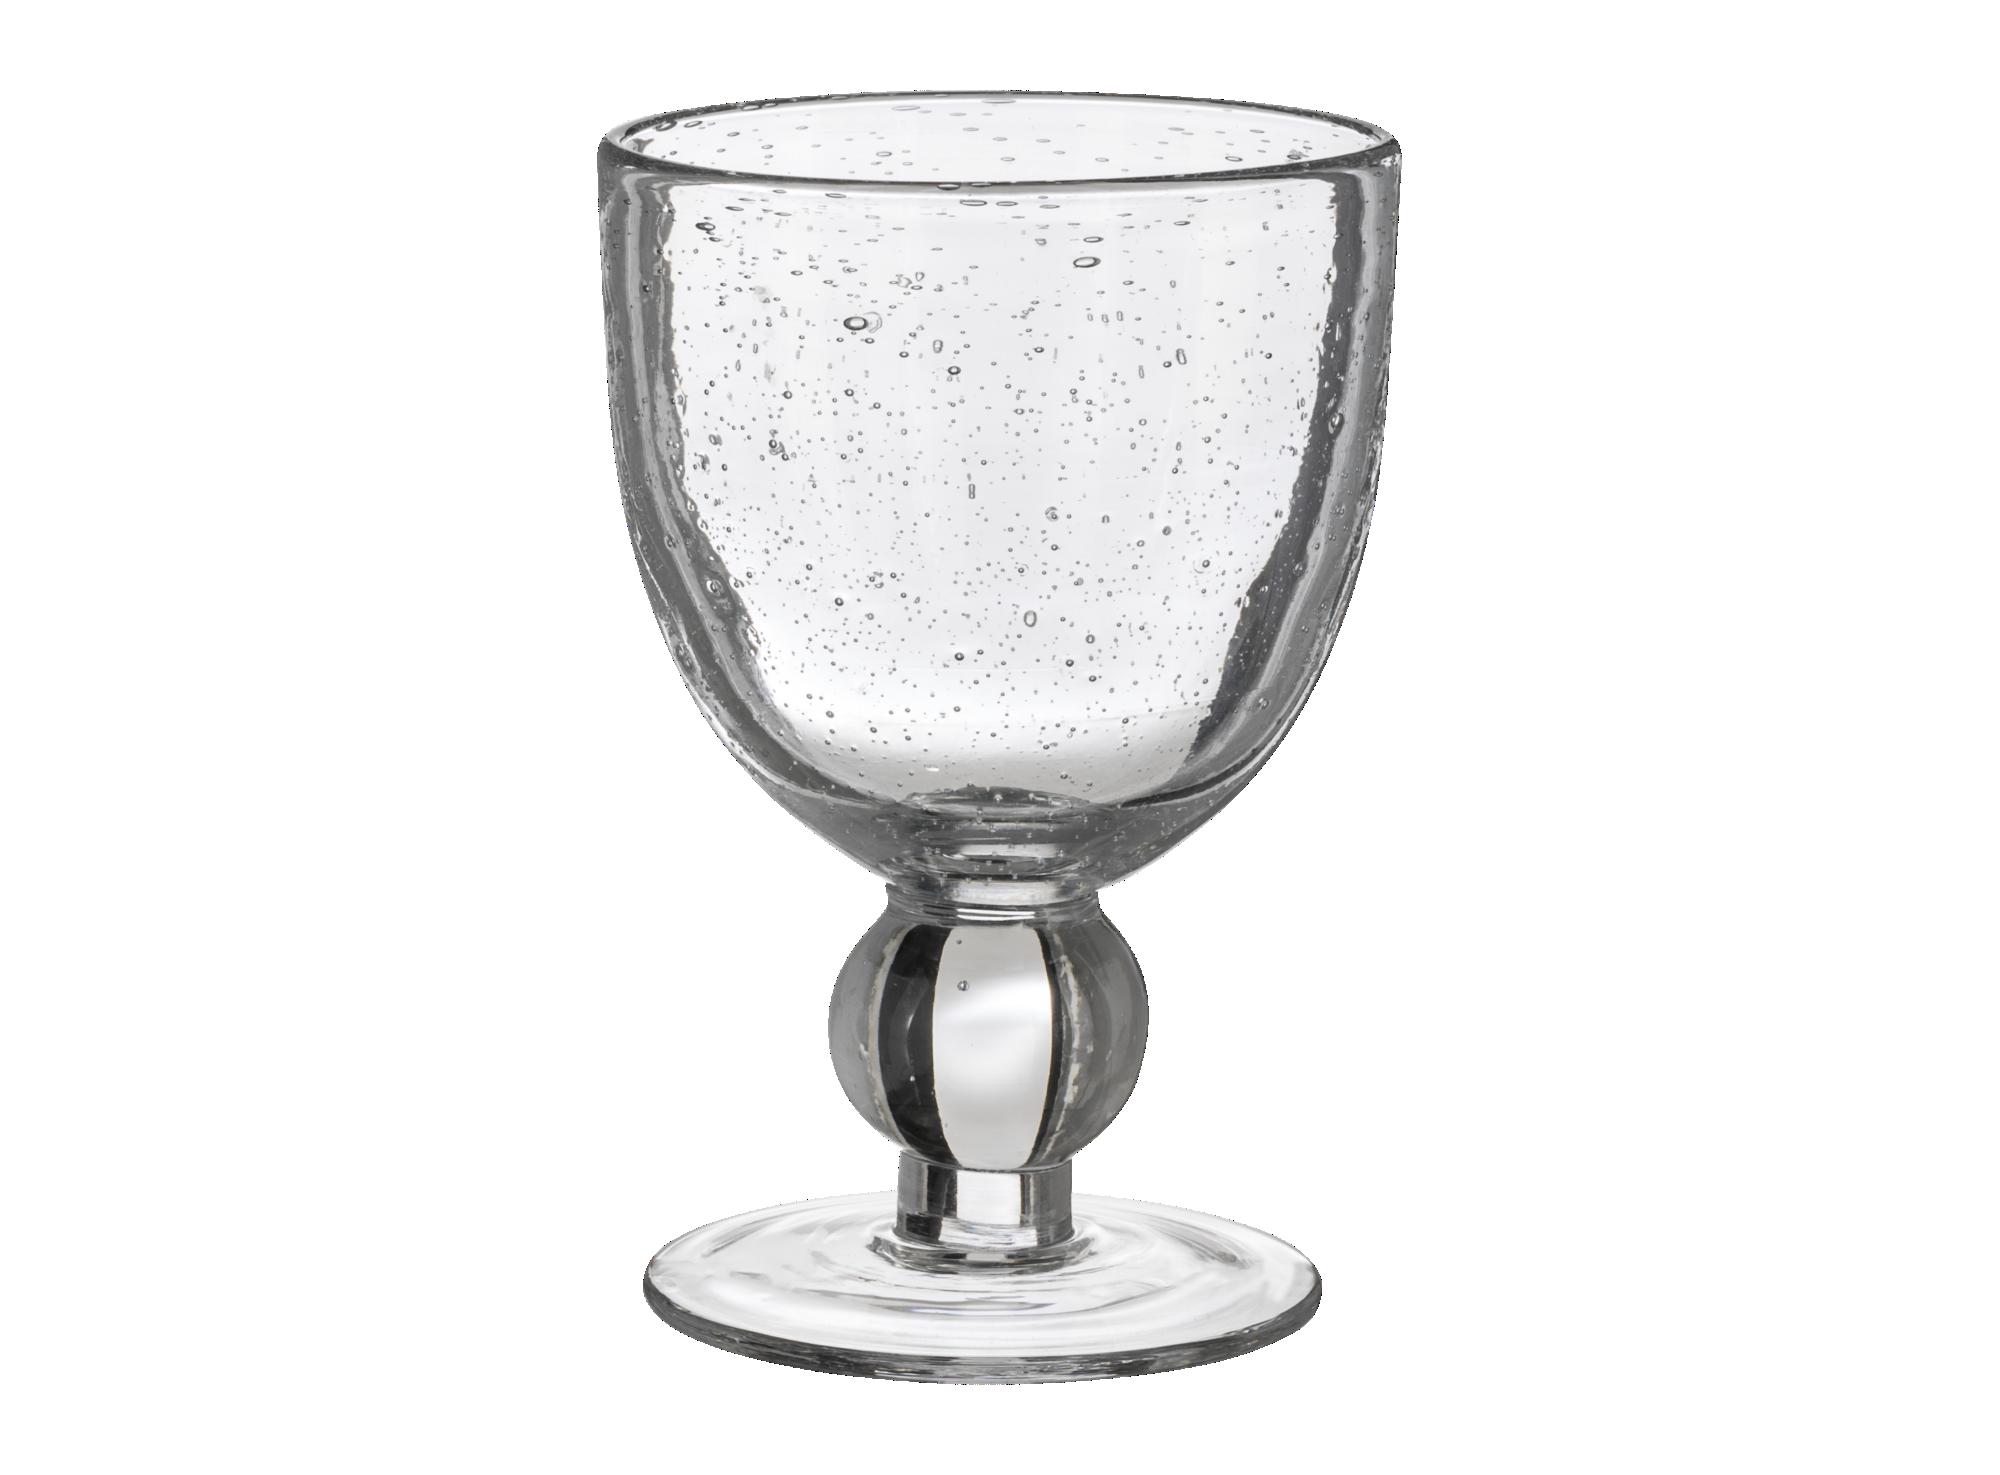 Verre a pied contenance 28cl en verre brut transparent. resiste au la ...